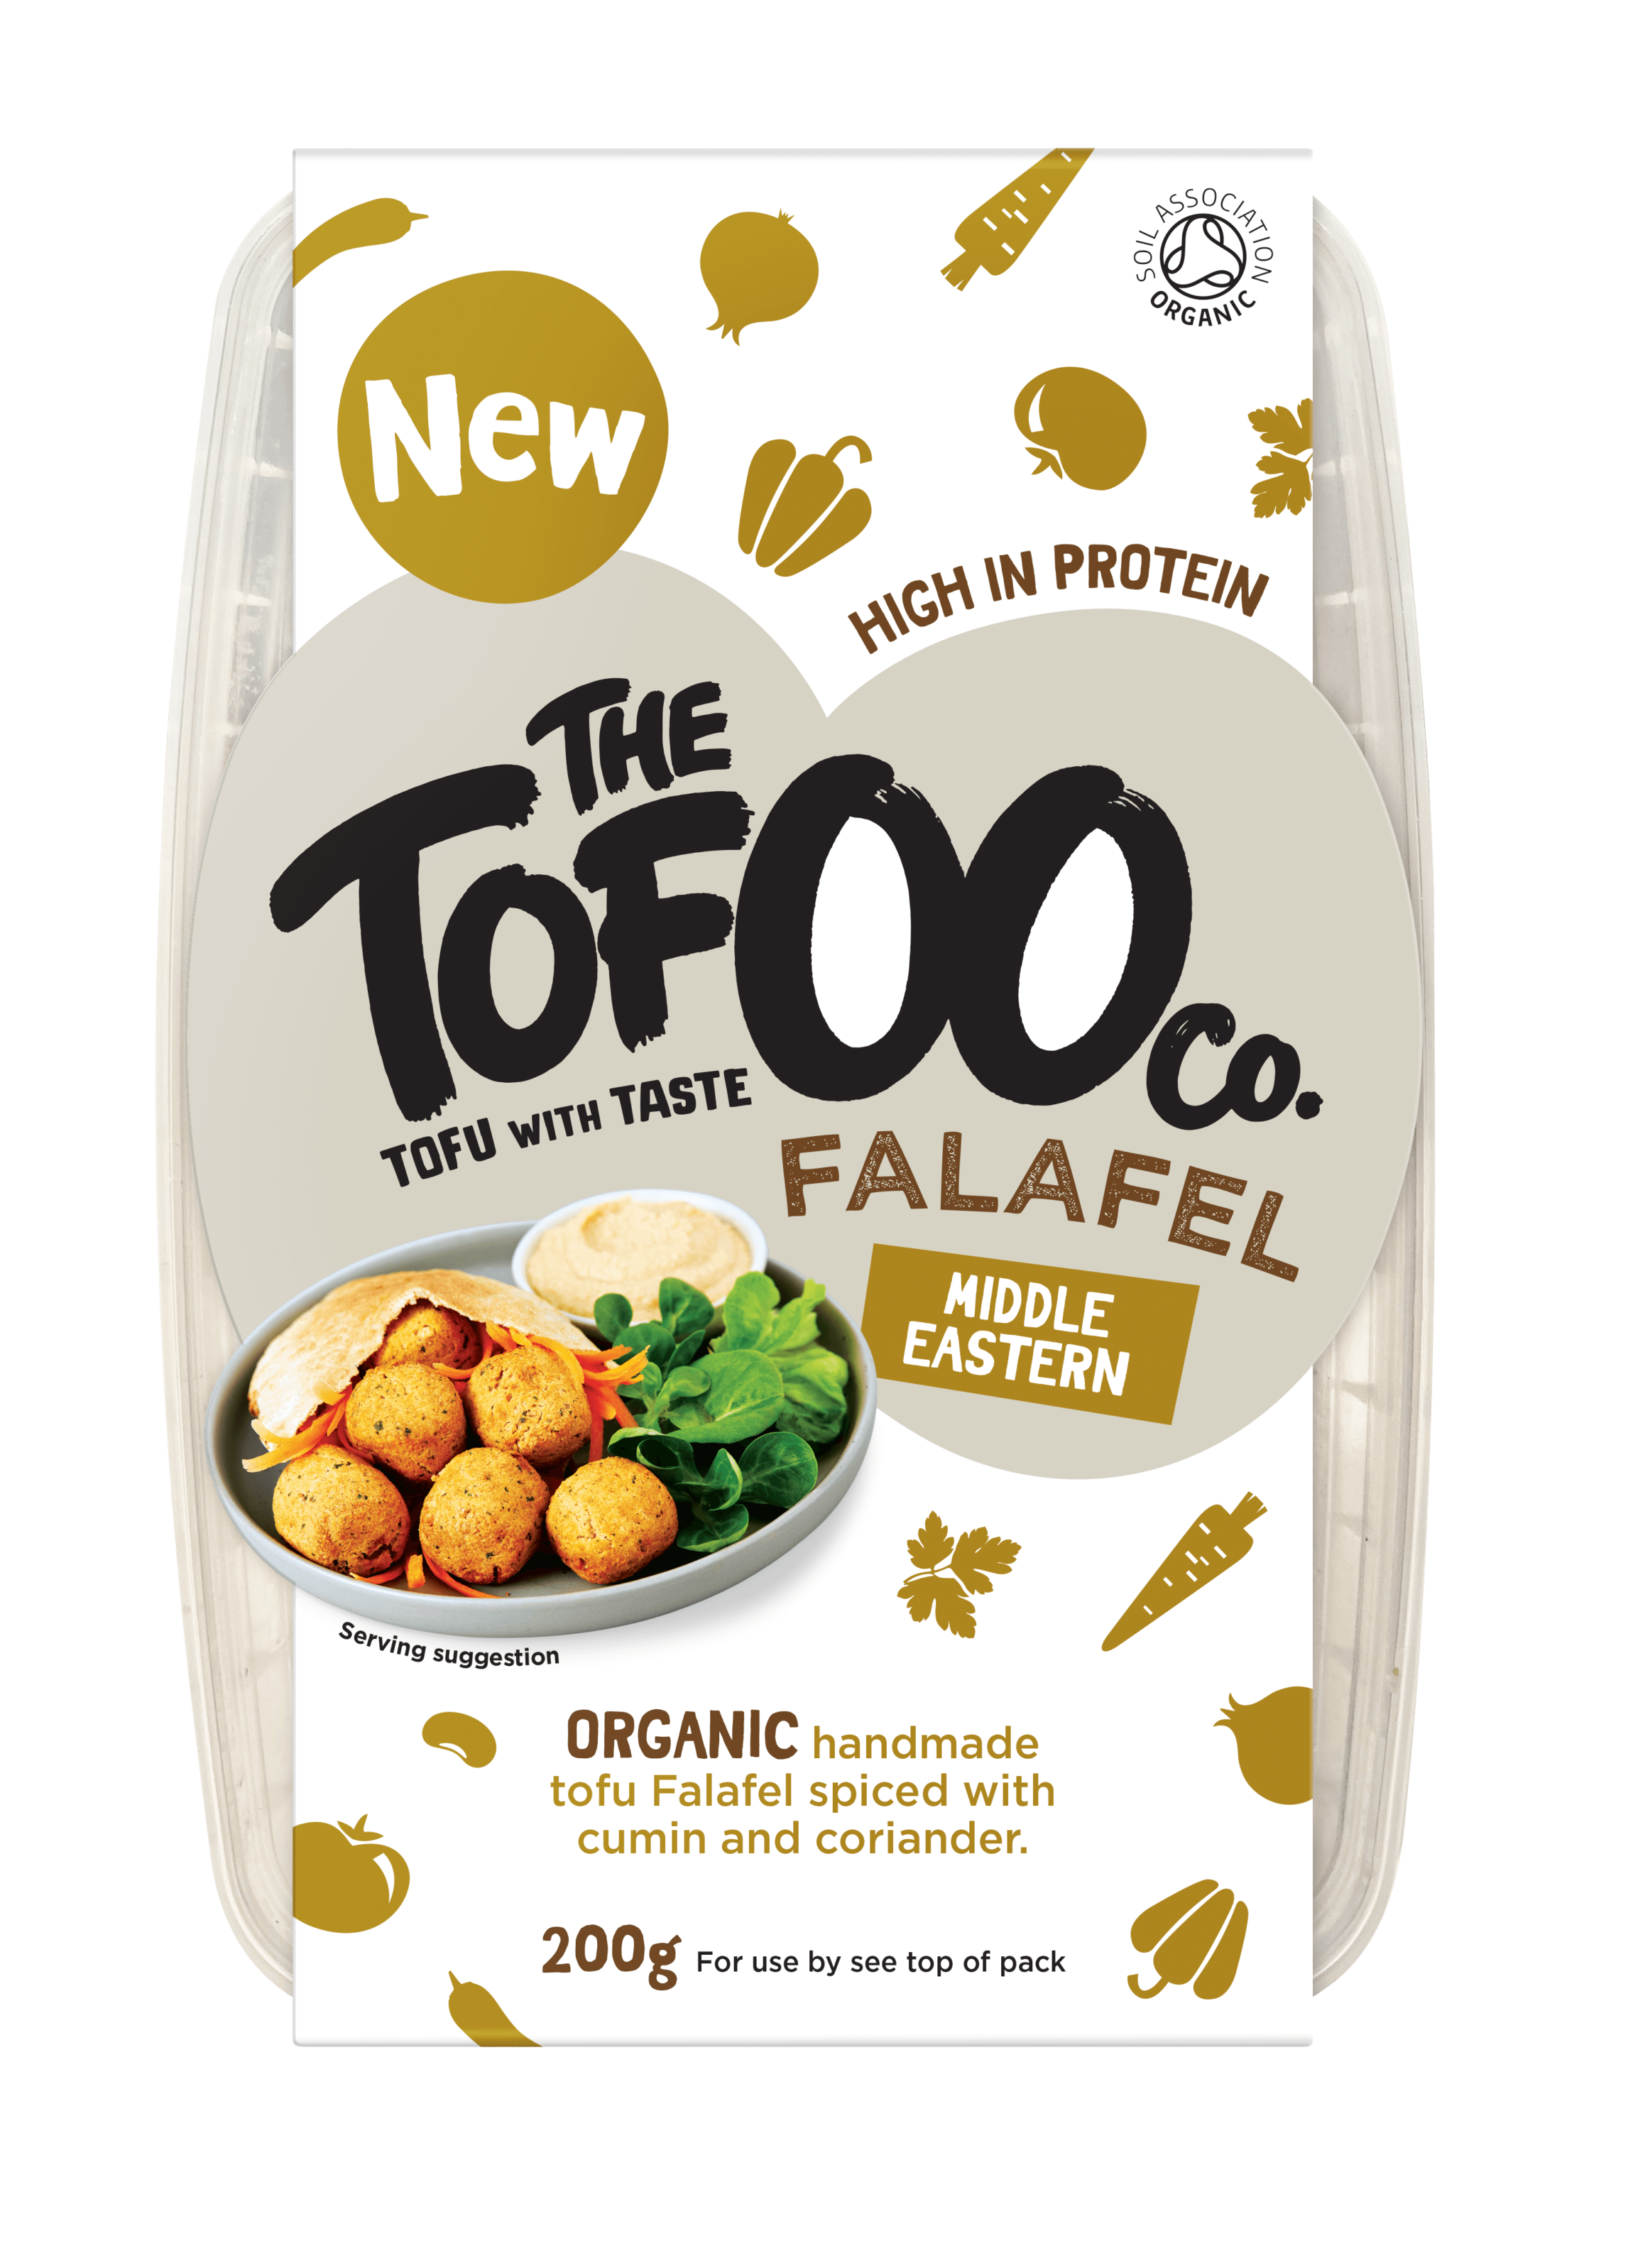 Tofoo Falafel